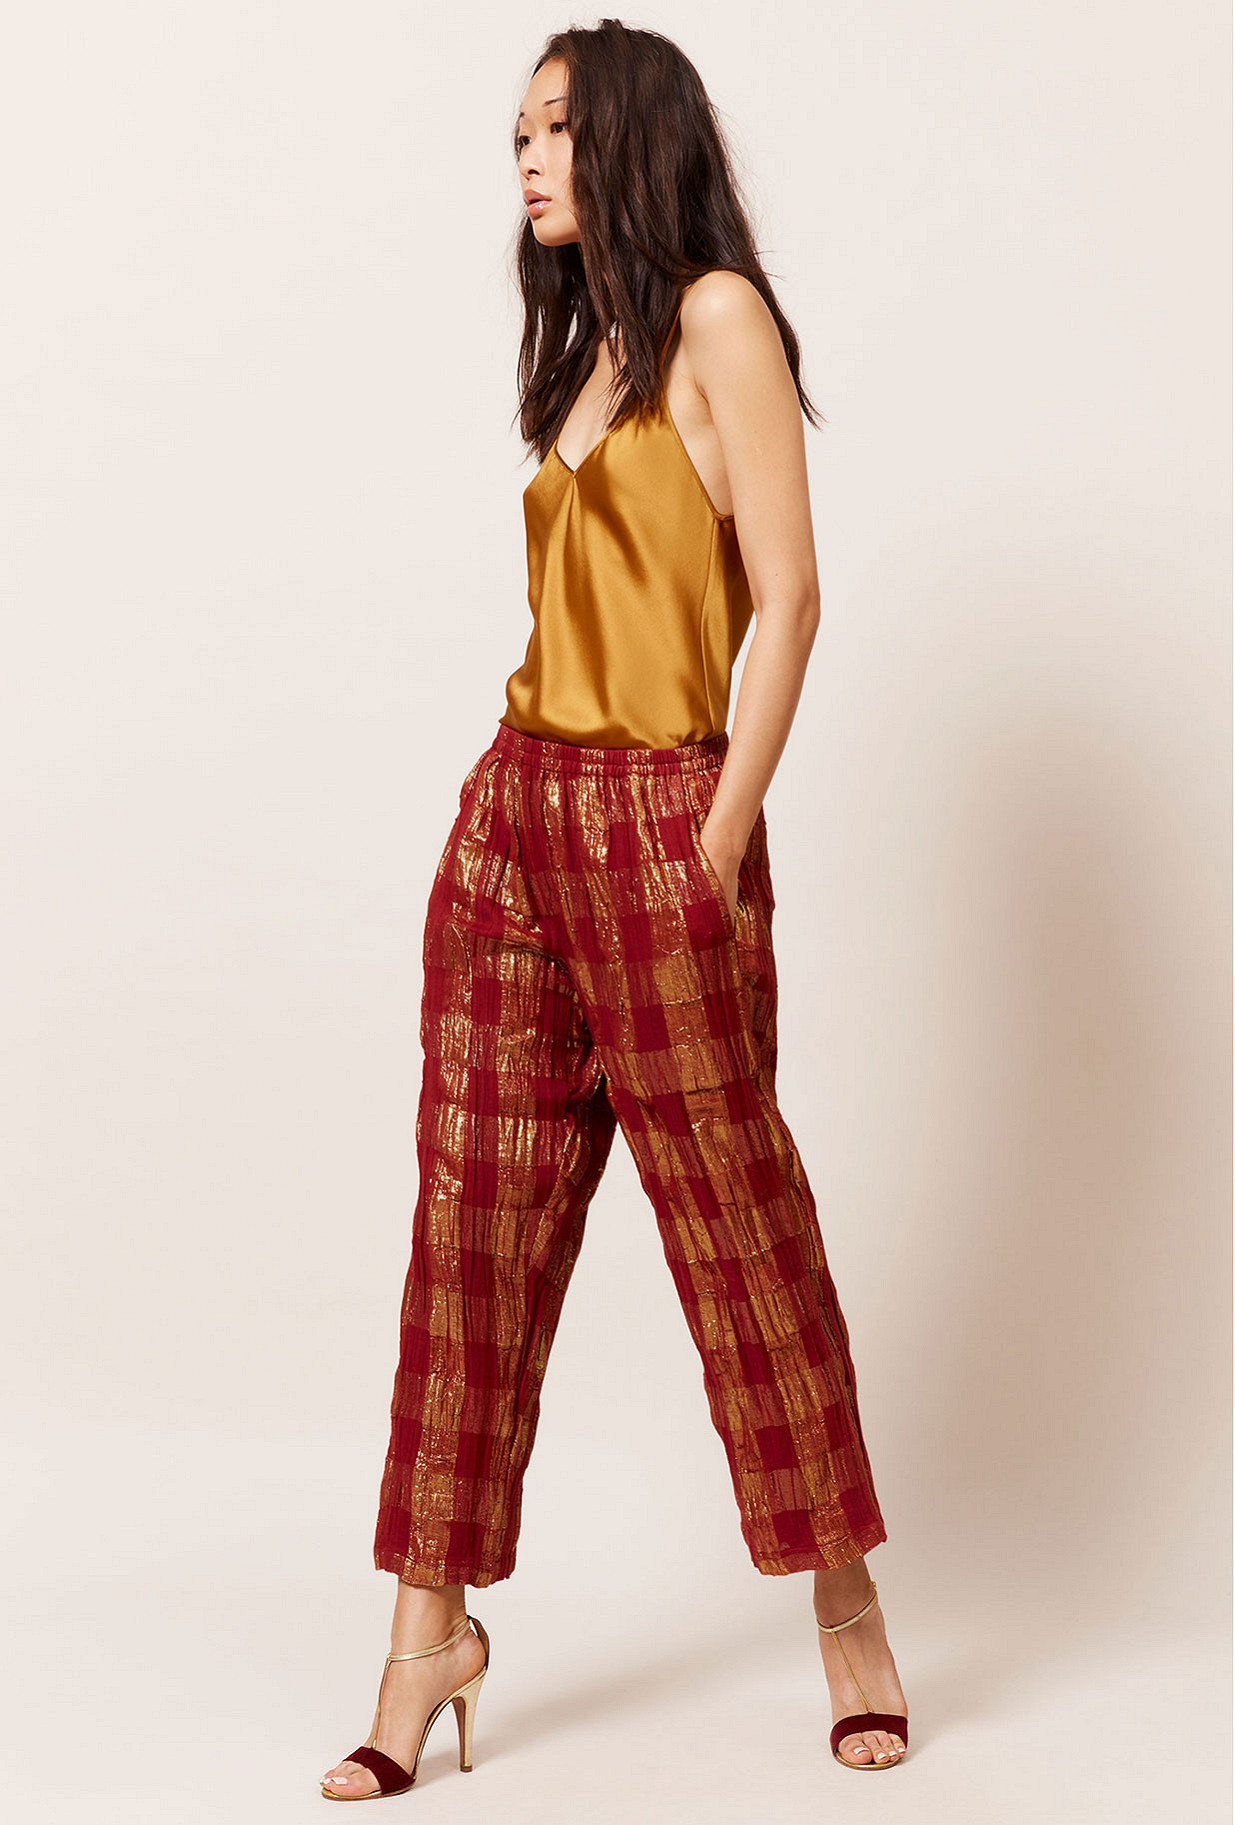 Pantalon Rouge  Majeste mes demoiselles paris vêtement femme paris